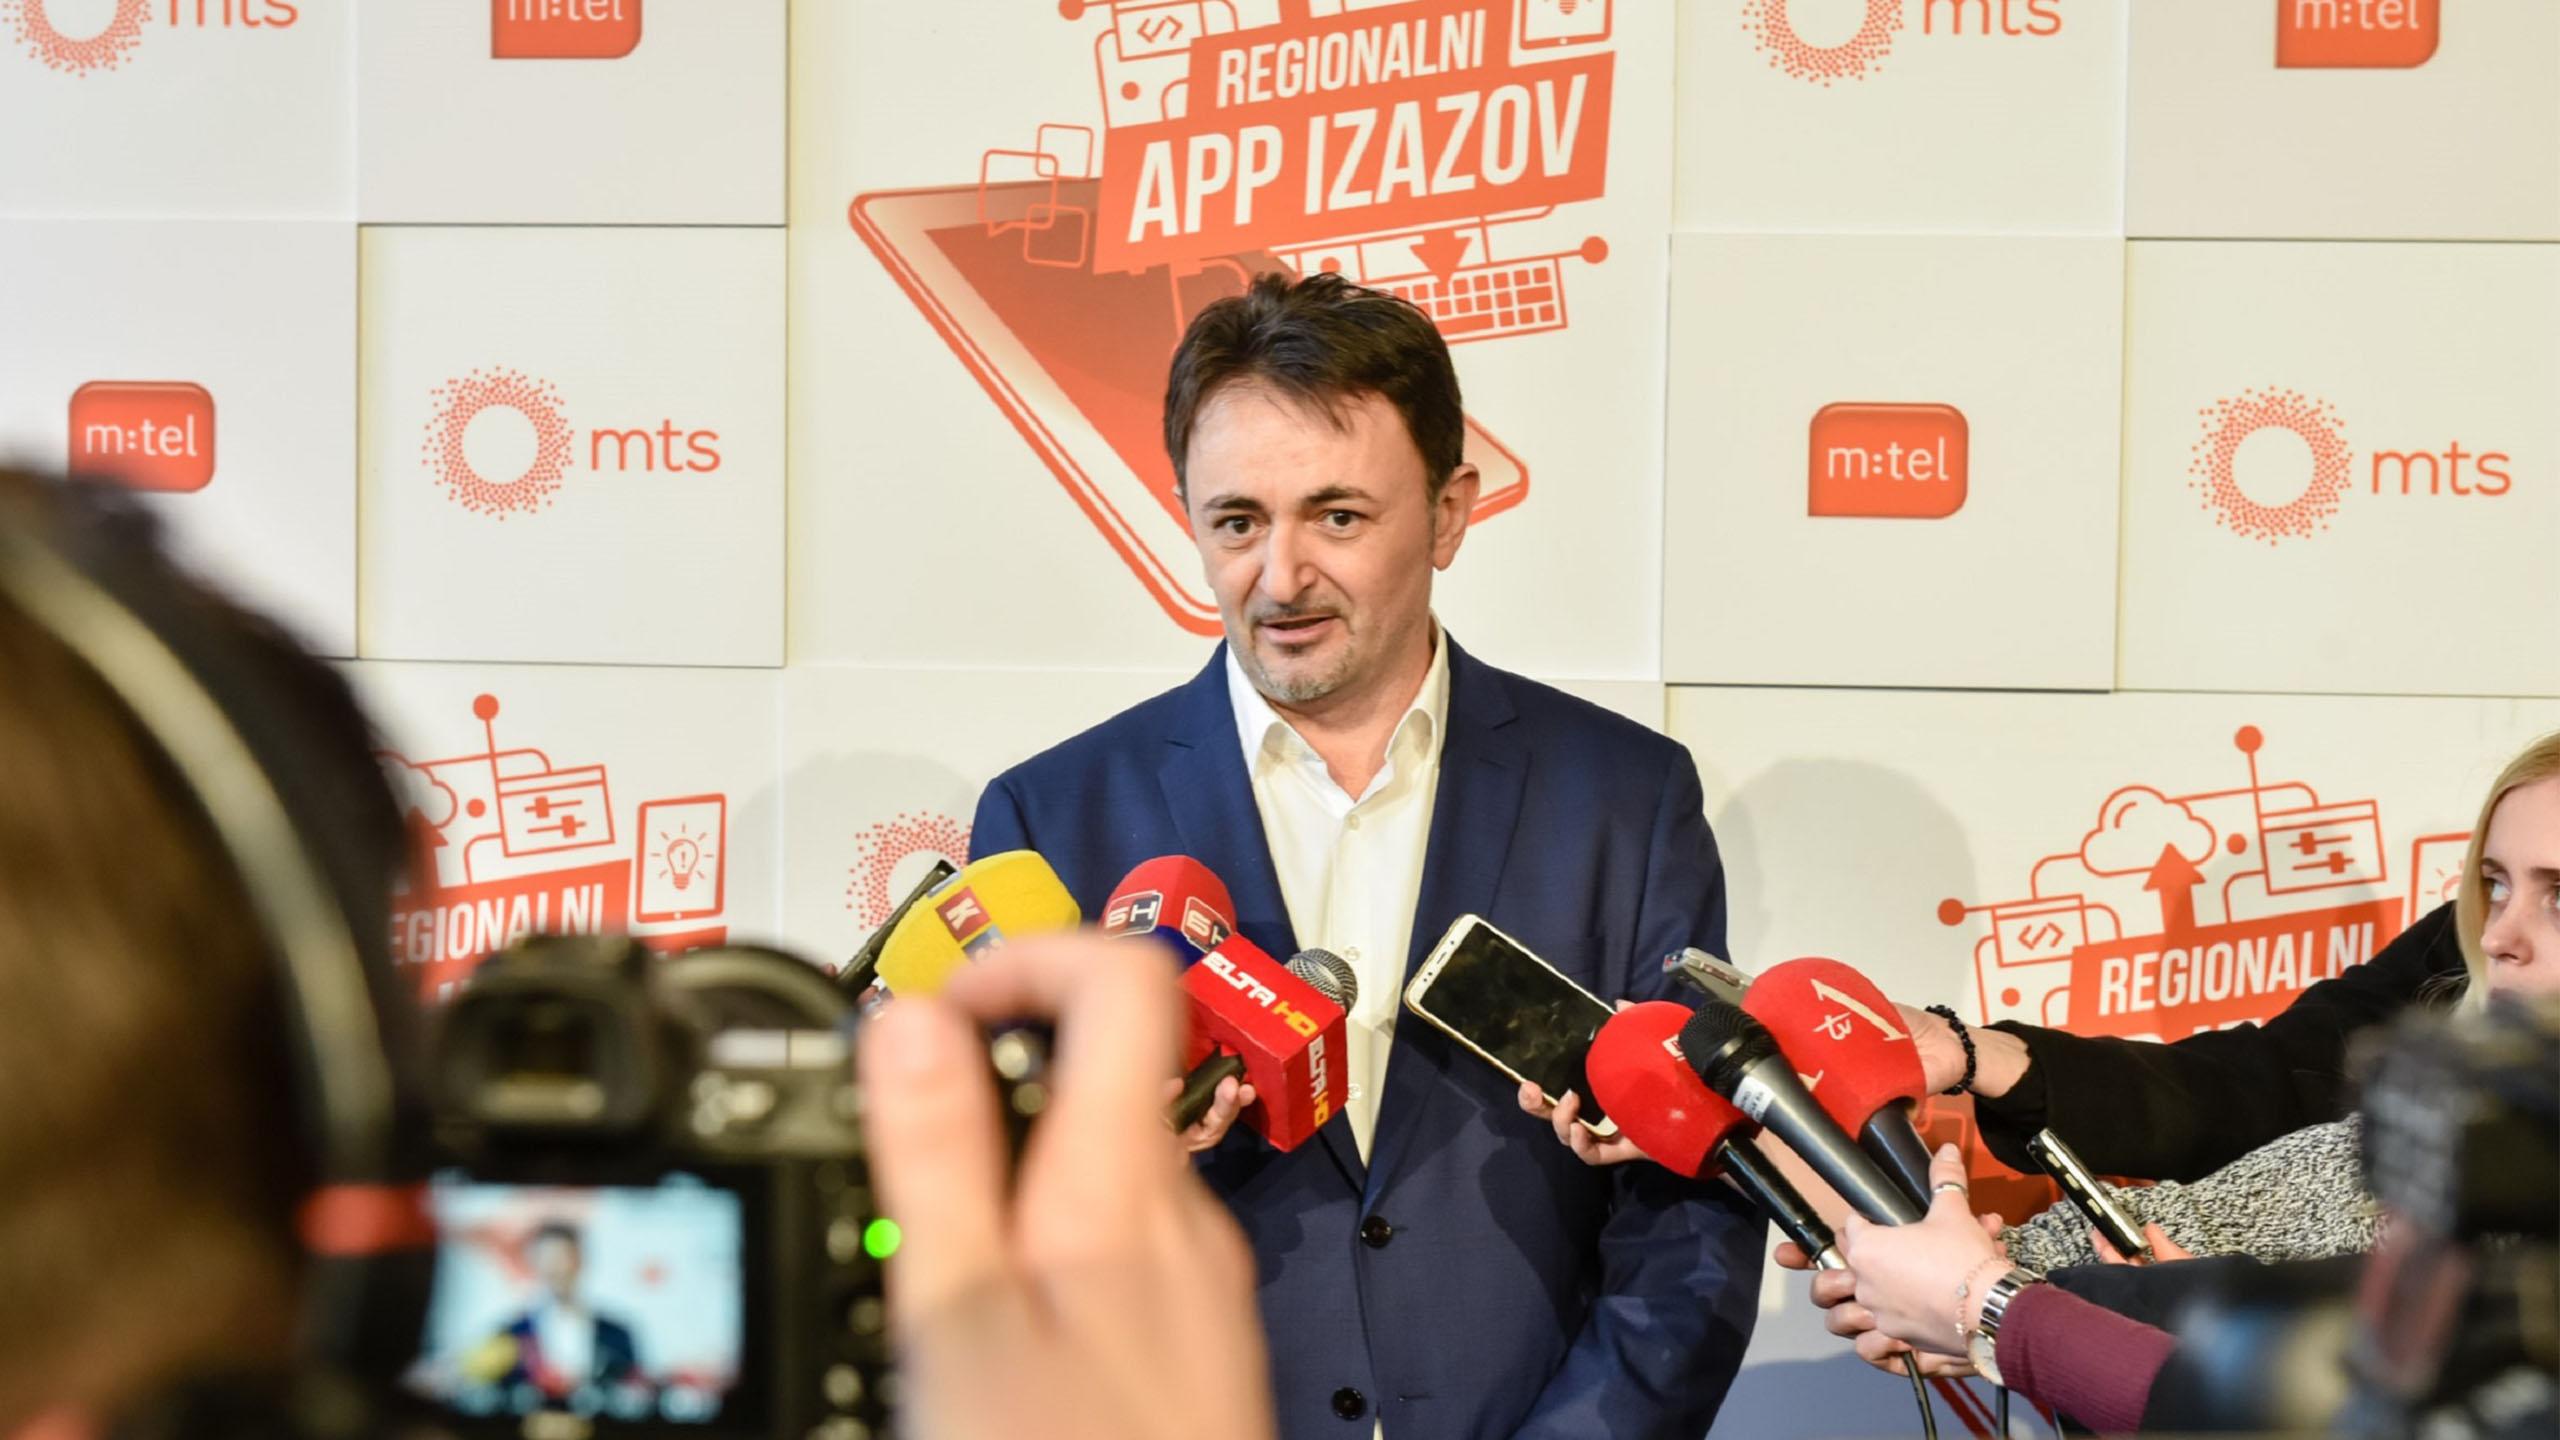 Regionalni App izazov 2020